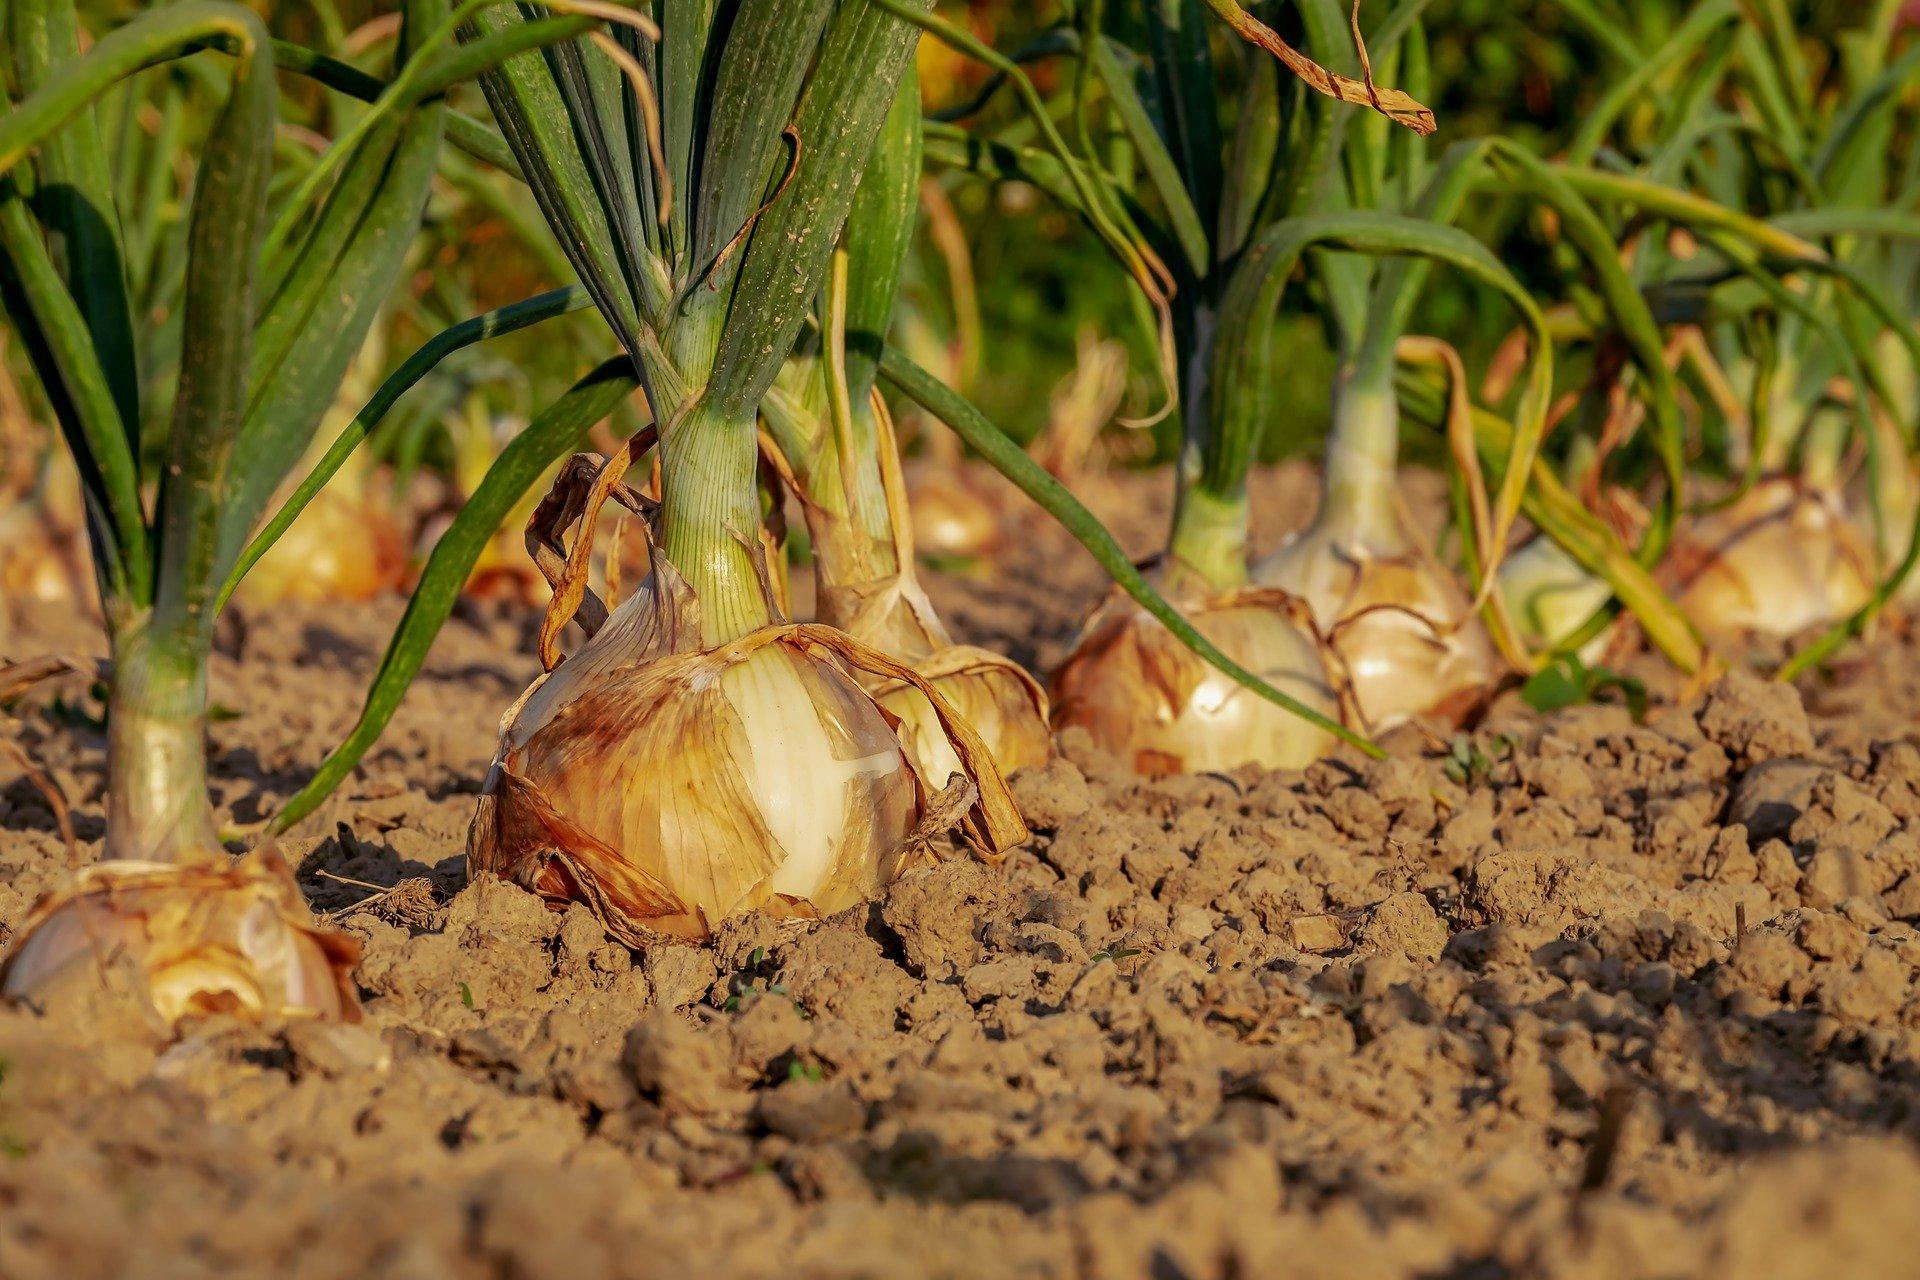 onion-3540502_1920-min